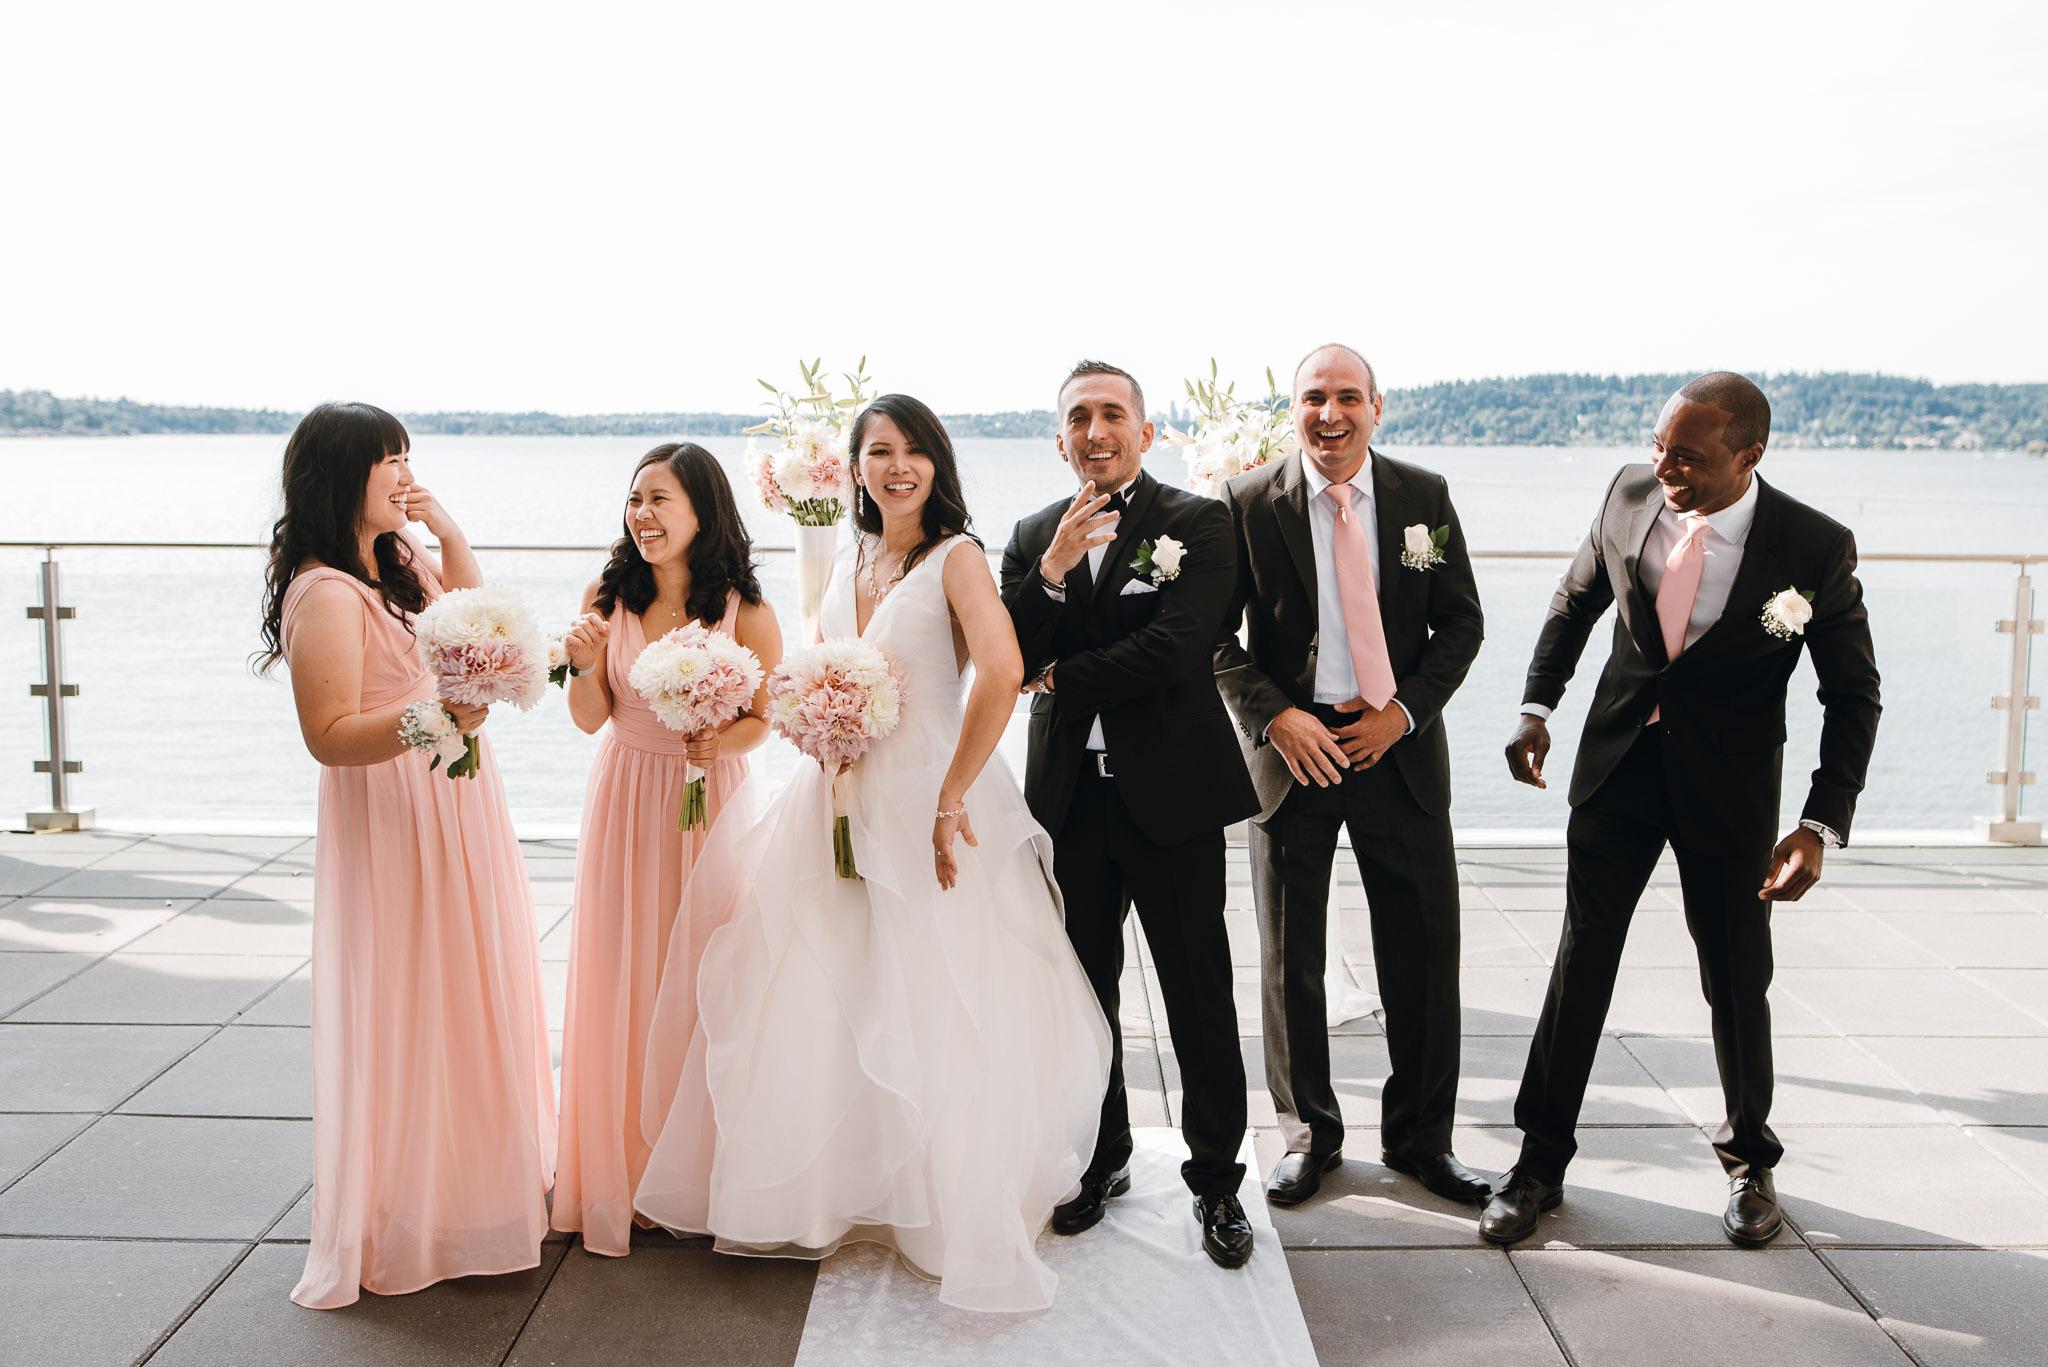 Hyatt-Regency-Lake-Washington-Wedding-Renton-Washington-0019.jpg